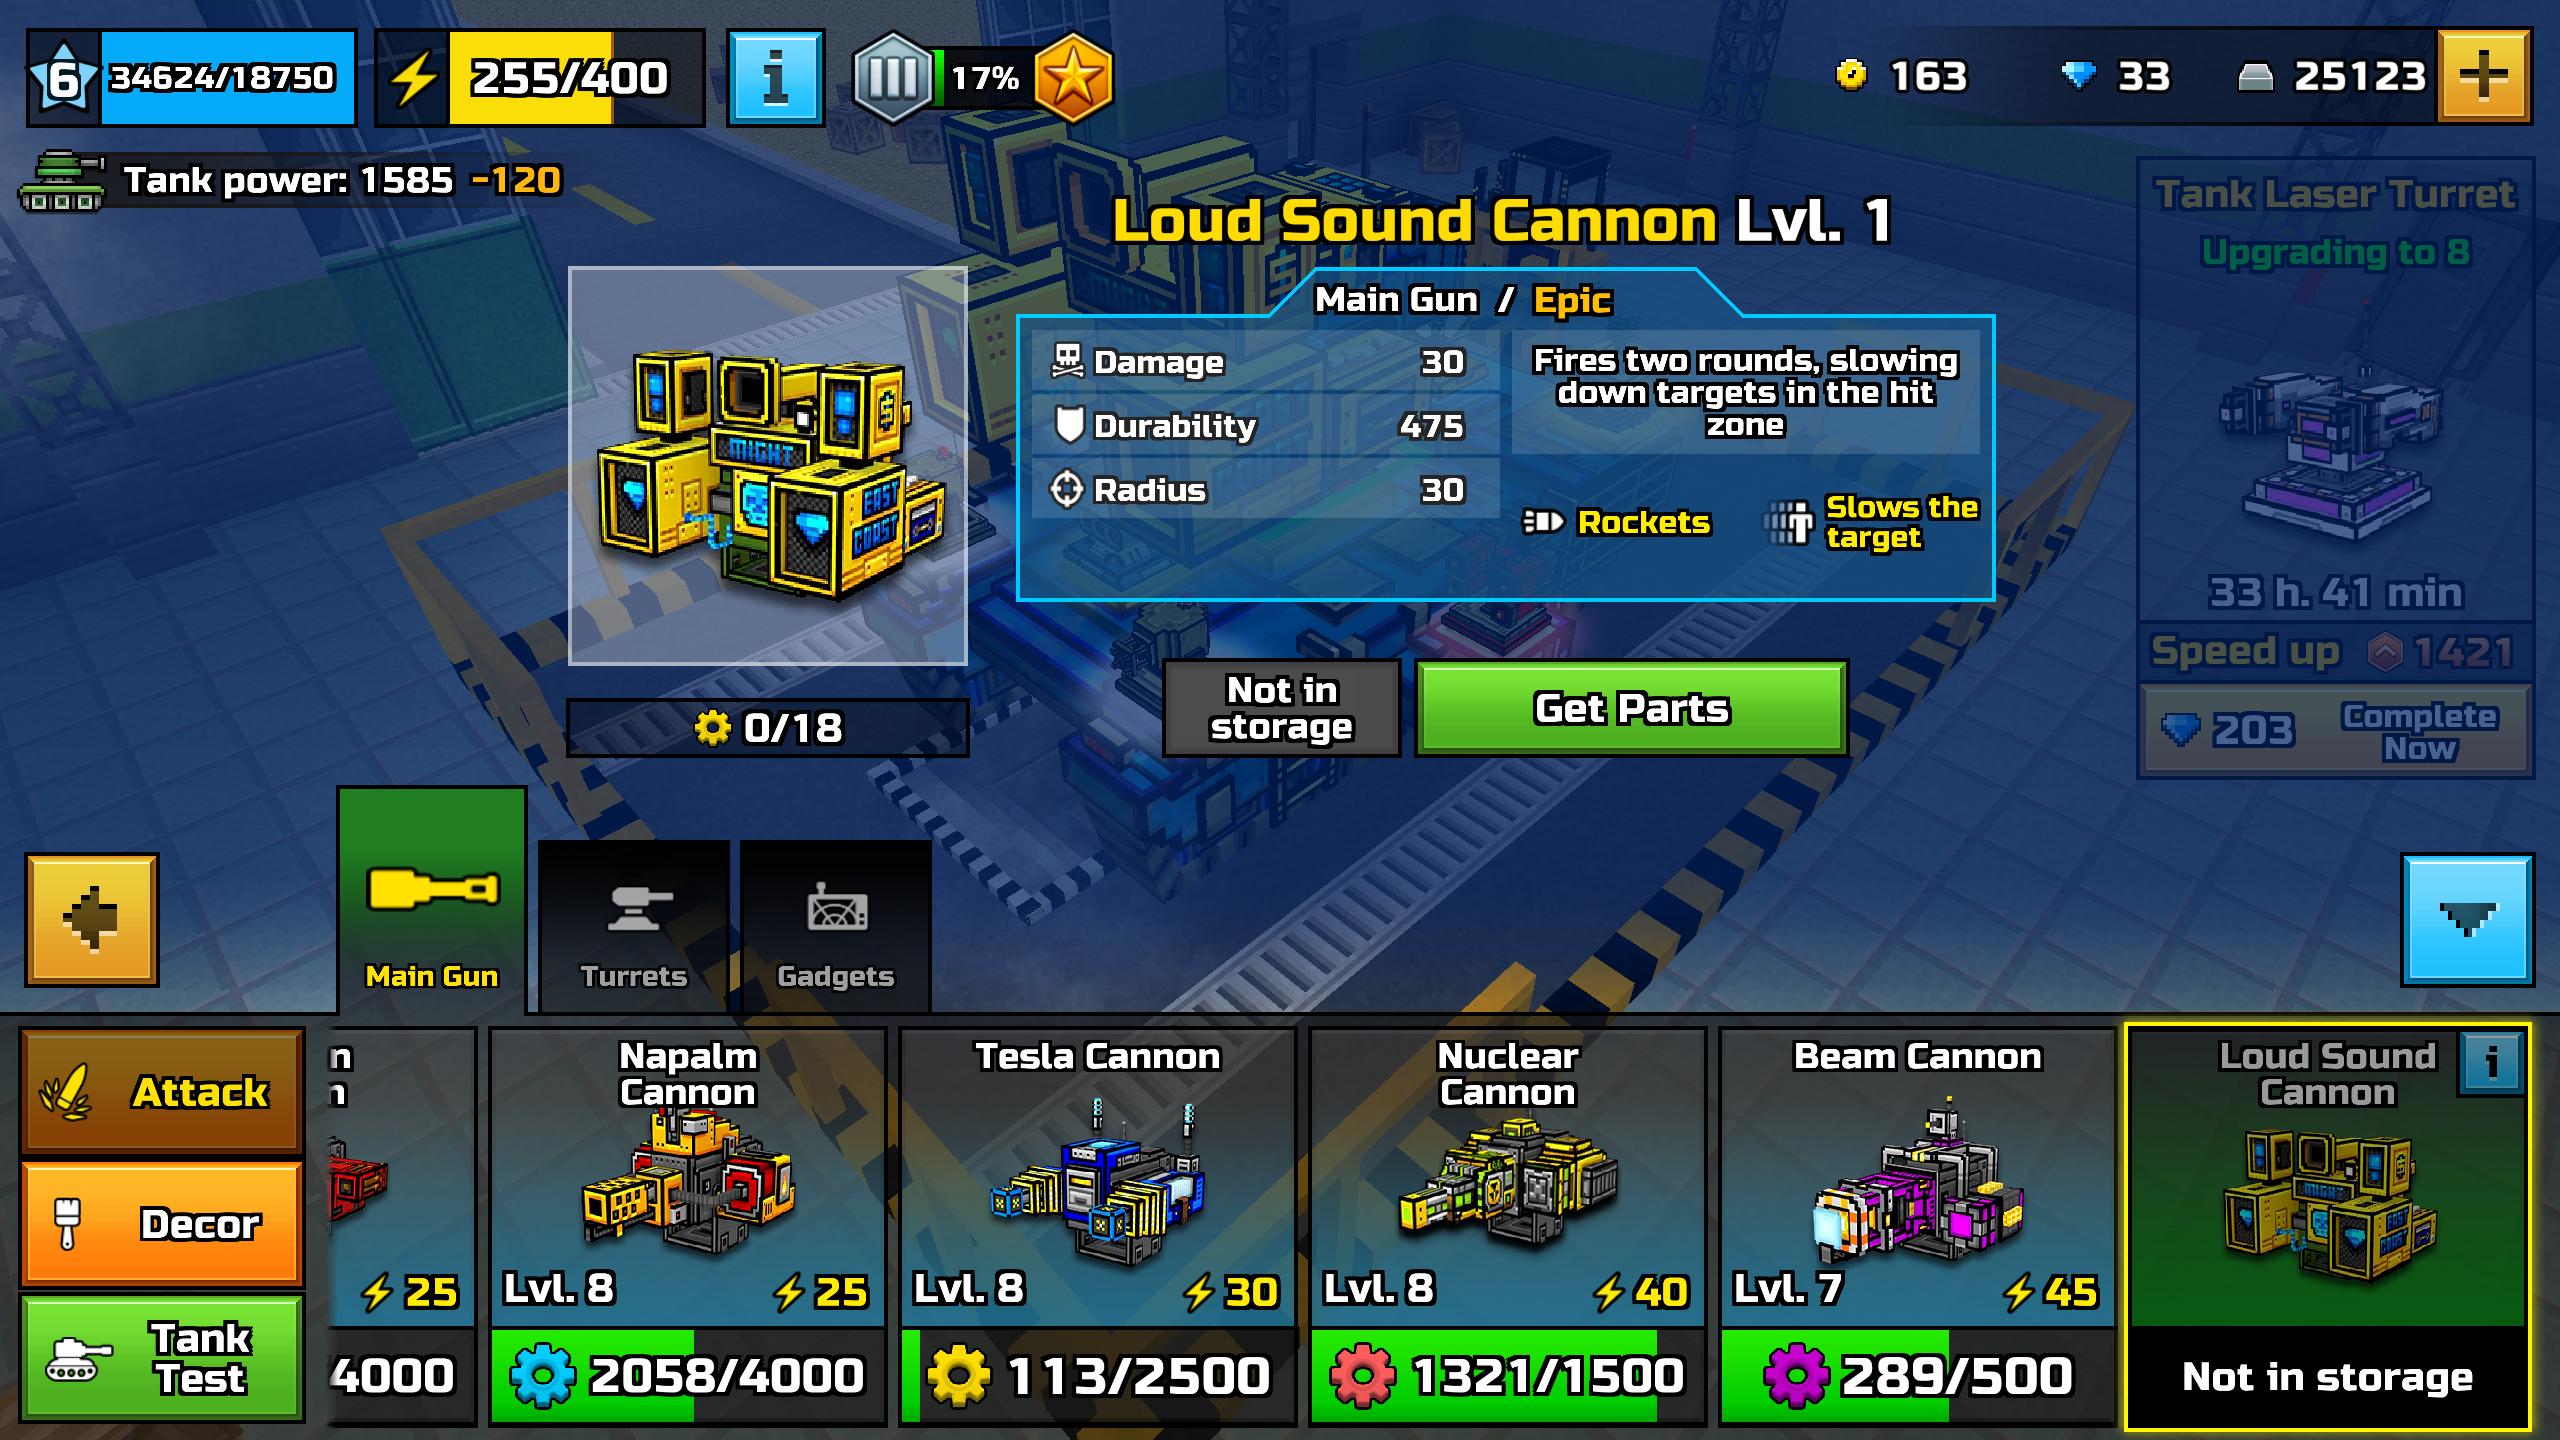 Loud Sound Cannon